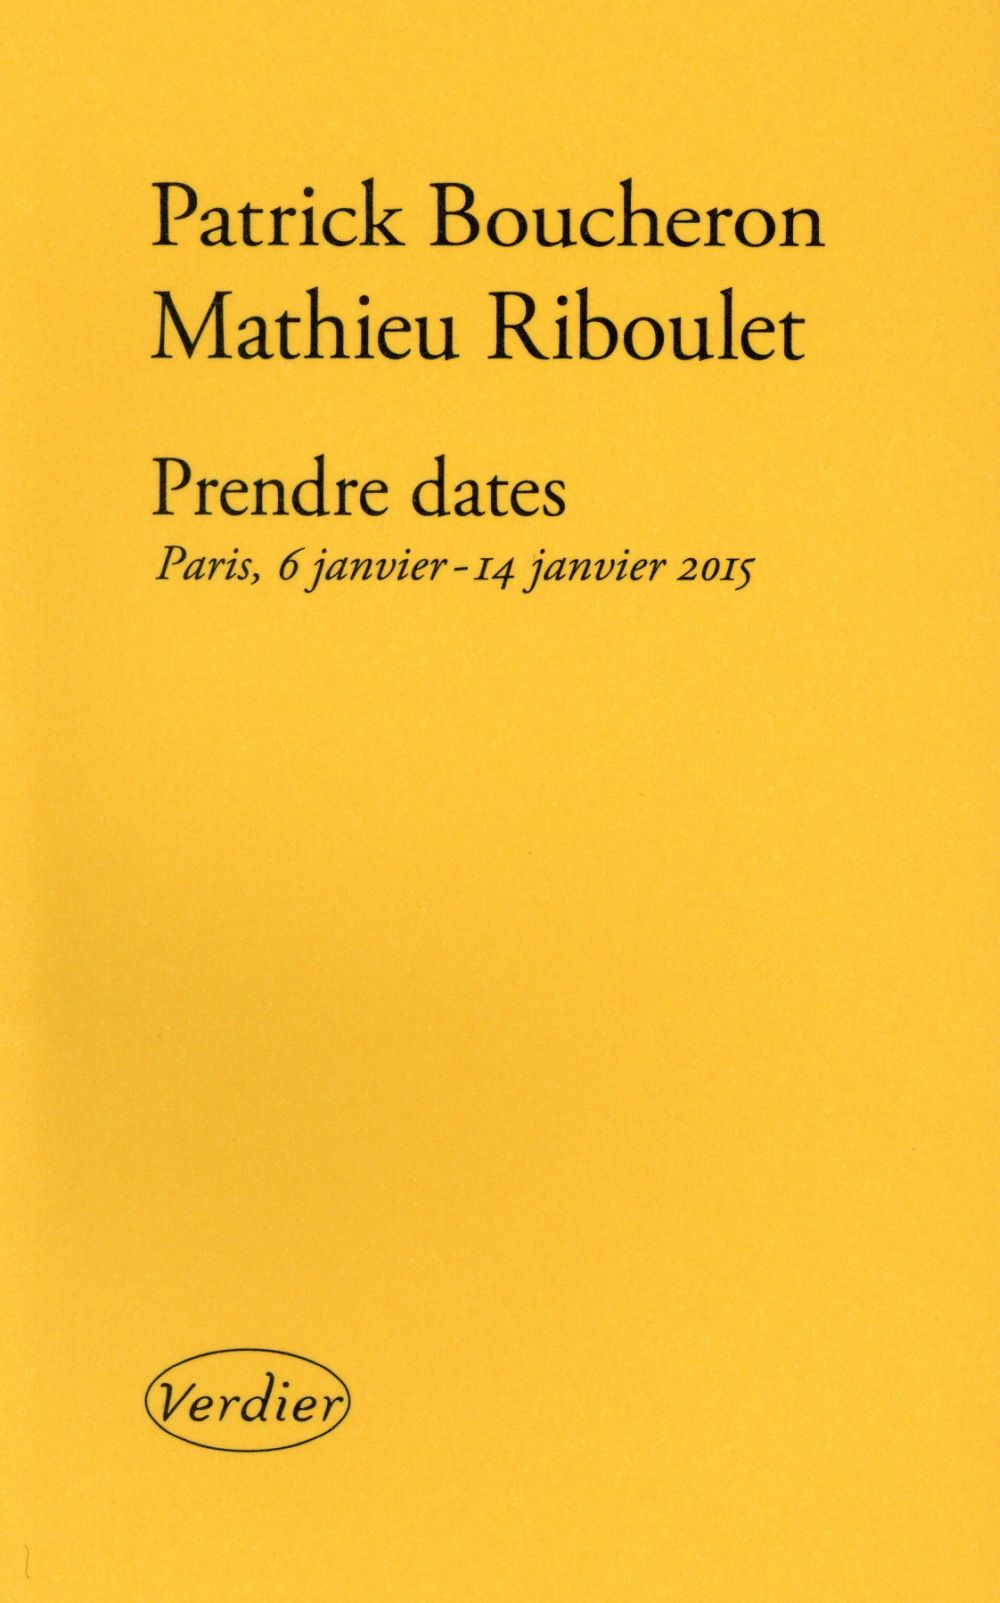 PRENDRE DATES